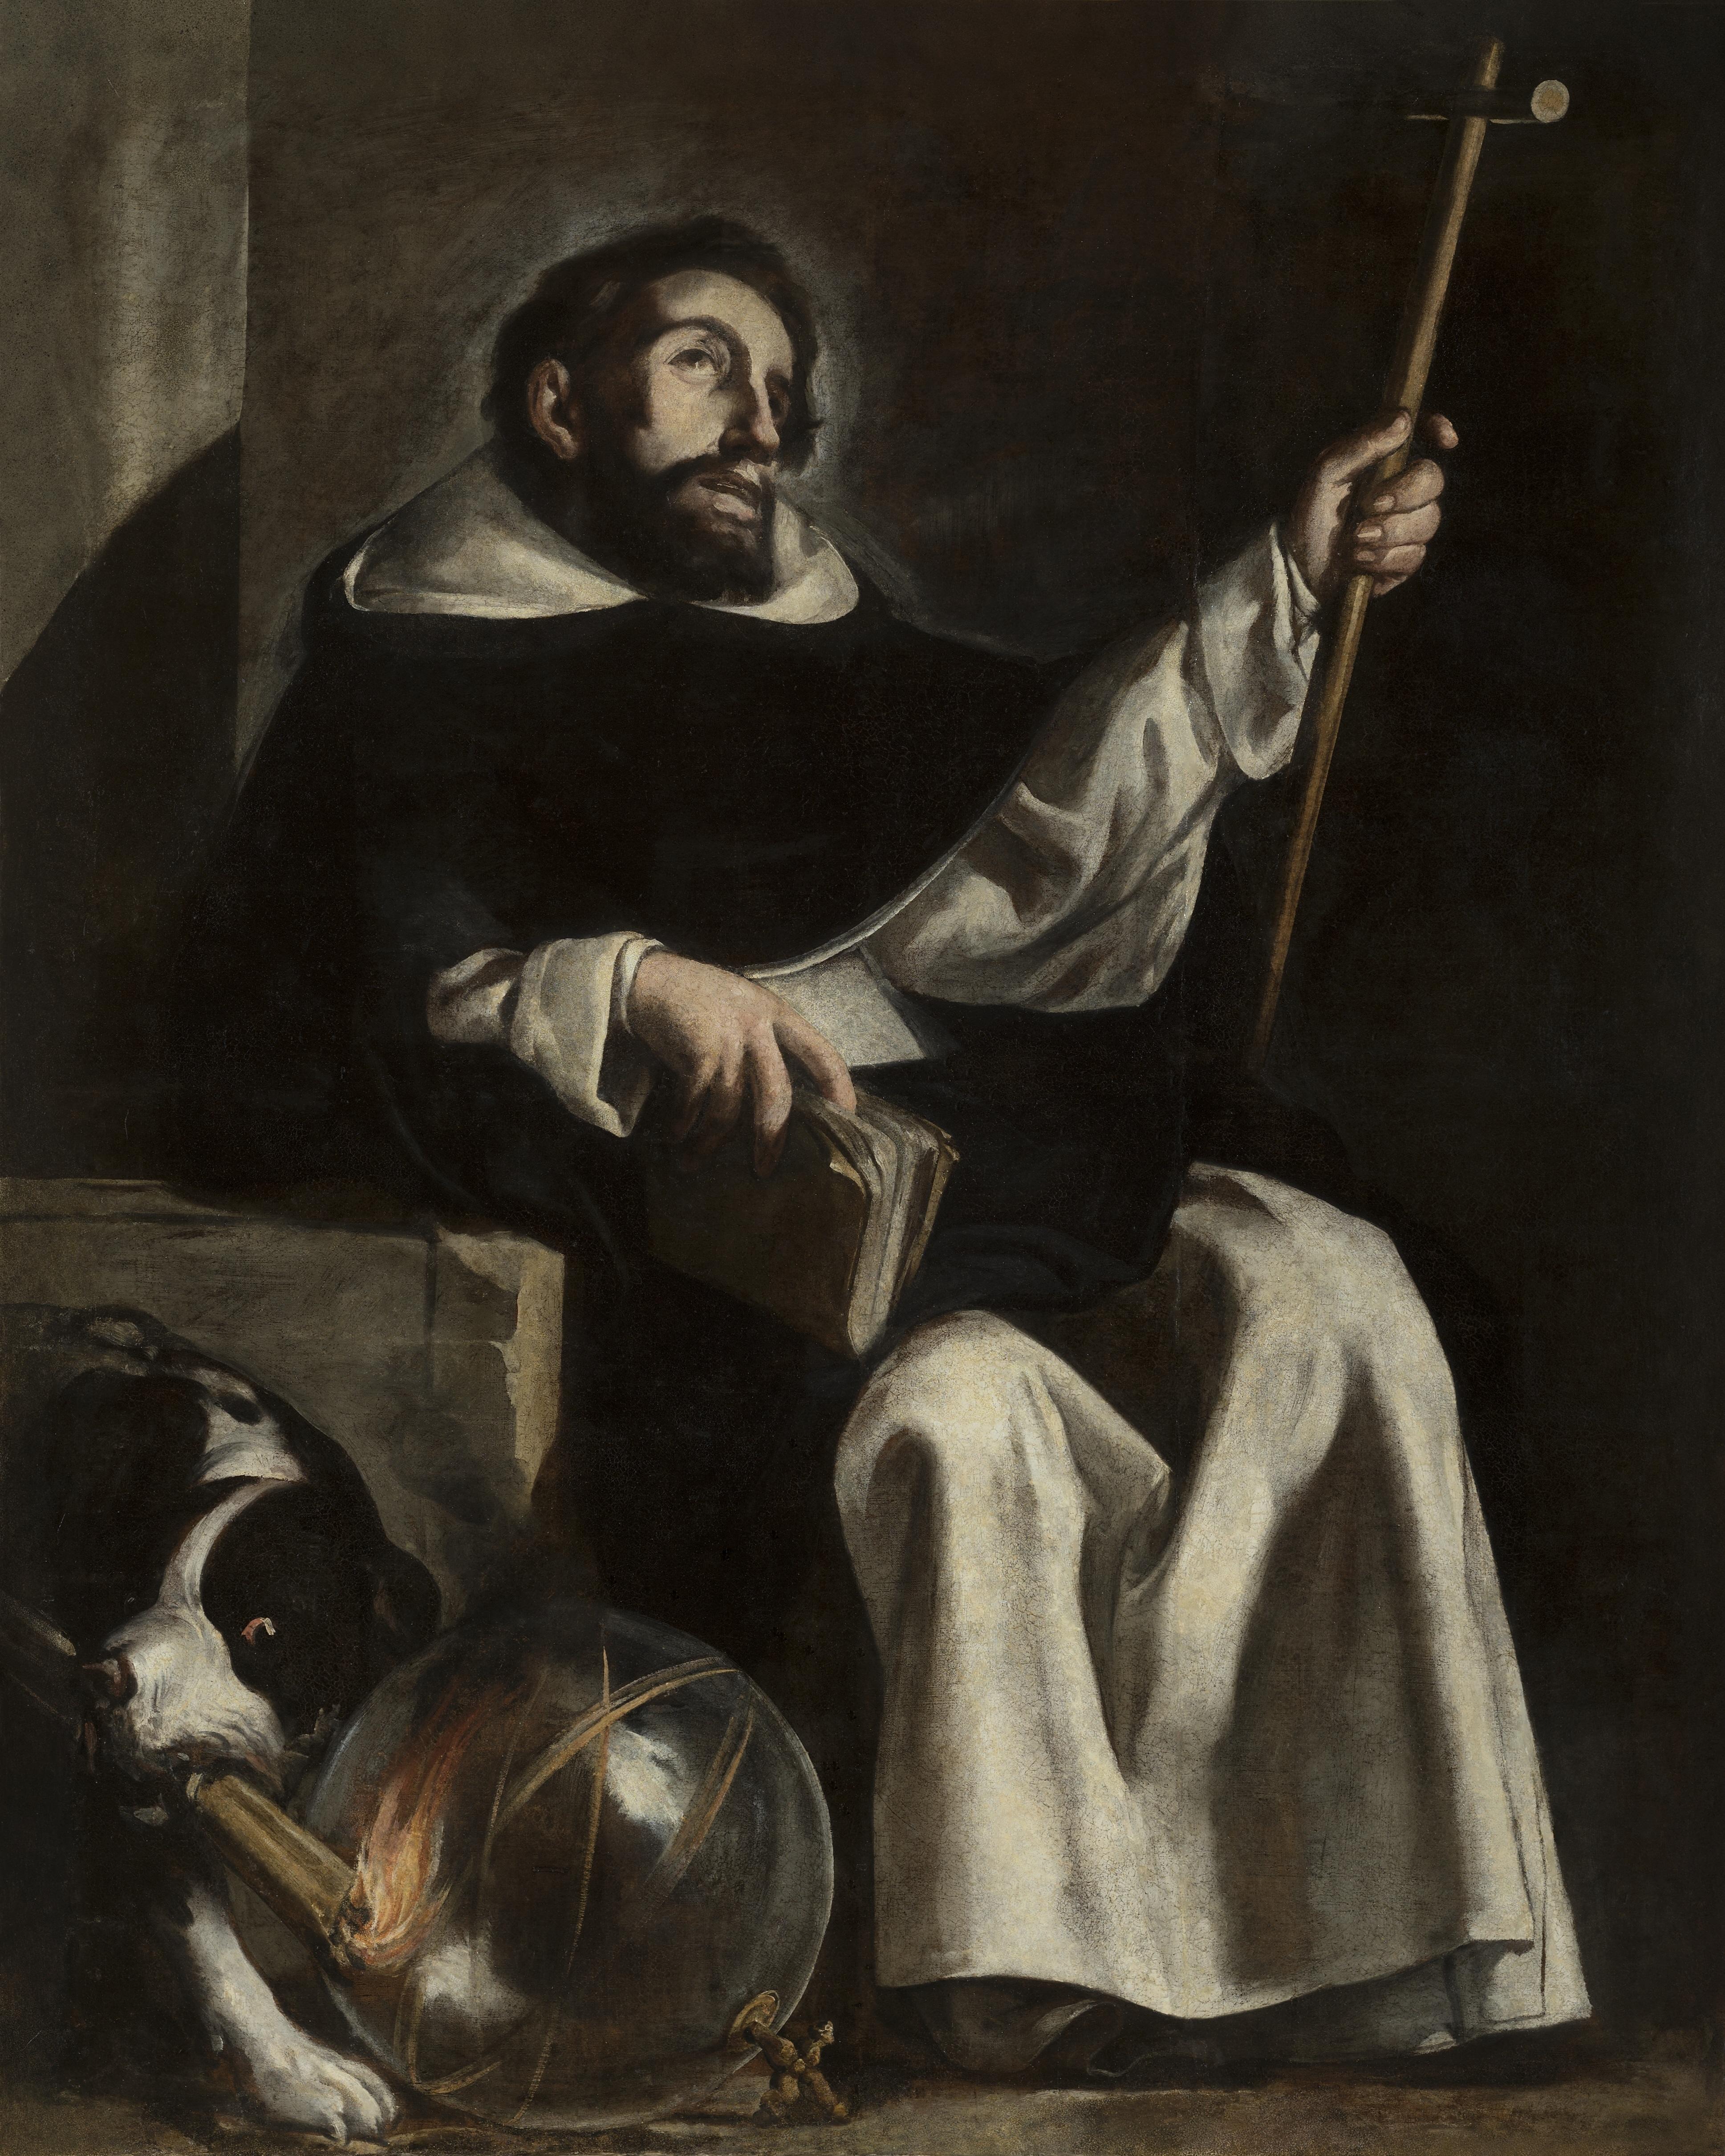 Santo_Domingo_de_Guzmán,_de_Antonio_del_Castillo_(Museo_de_Bellas_Artes_de_Córdoba).jpg